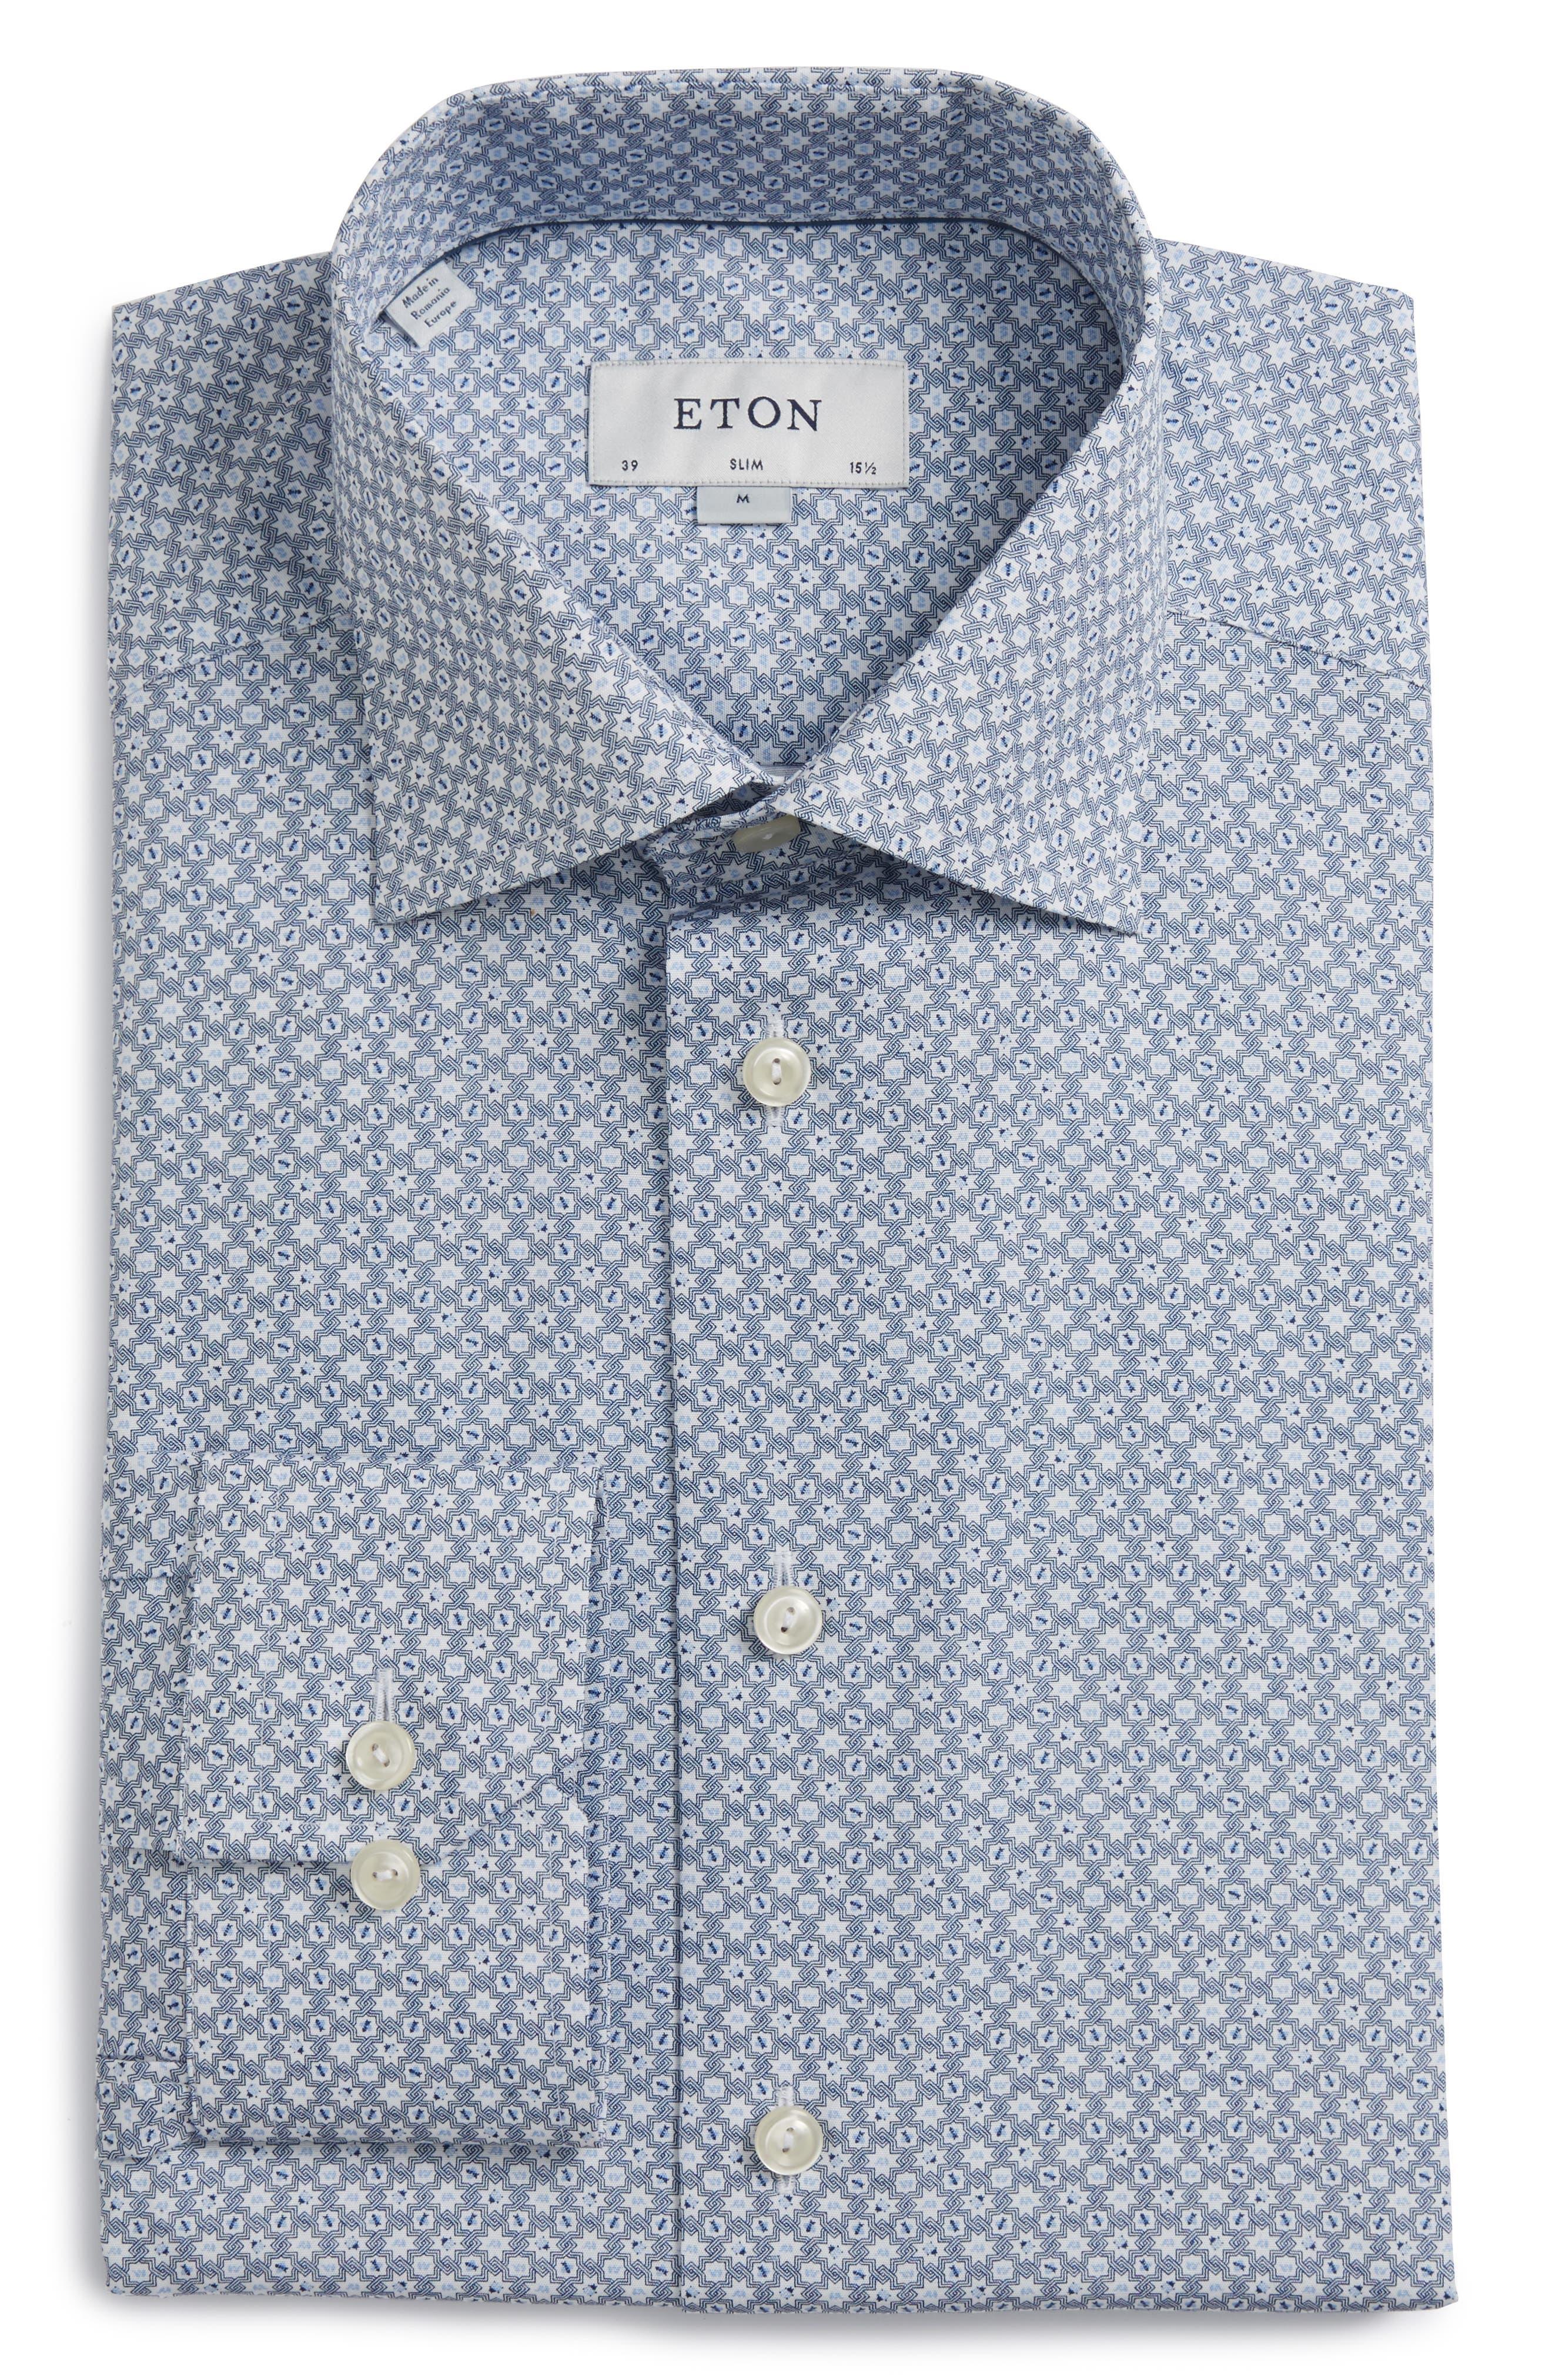 Main Image - Eton Slim Fit Print Dress Shirt